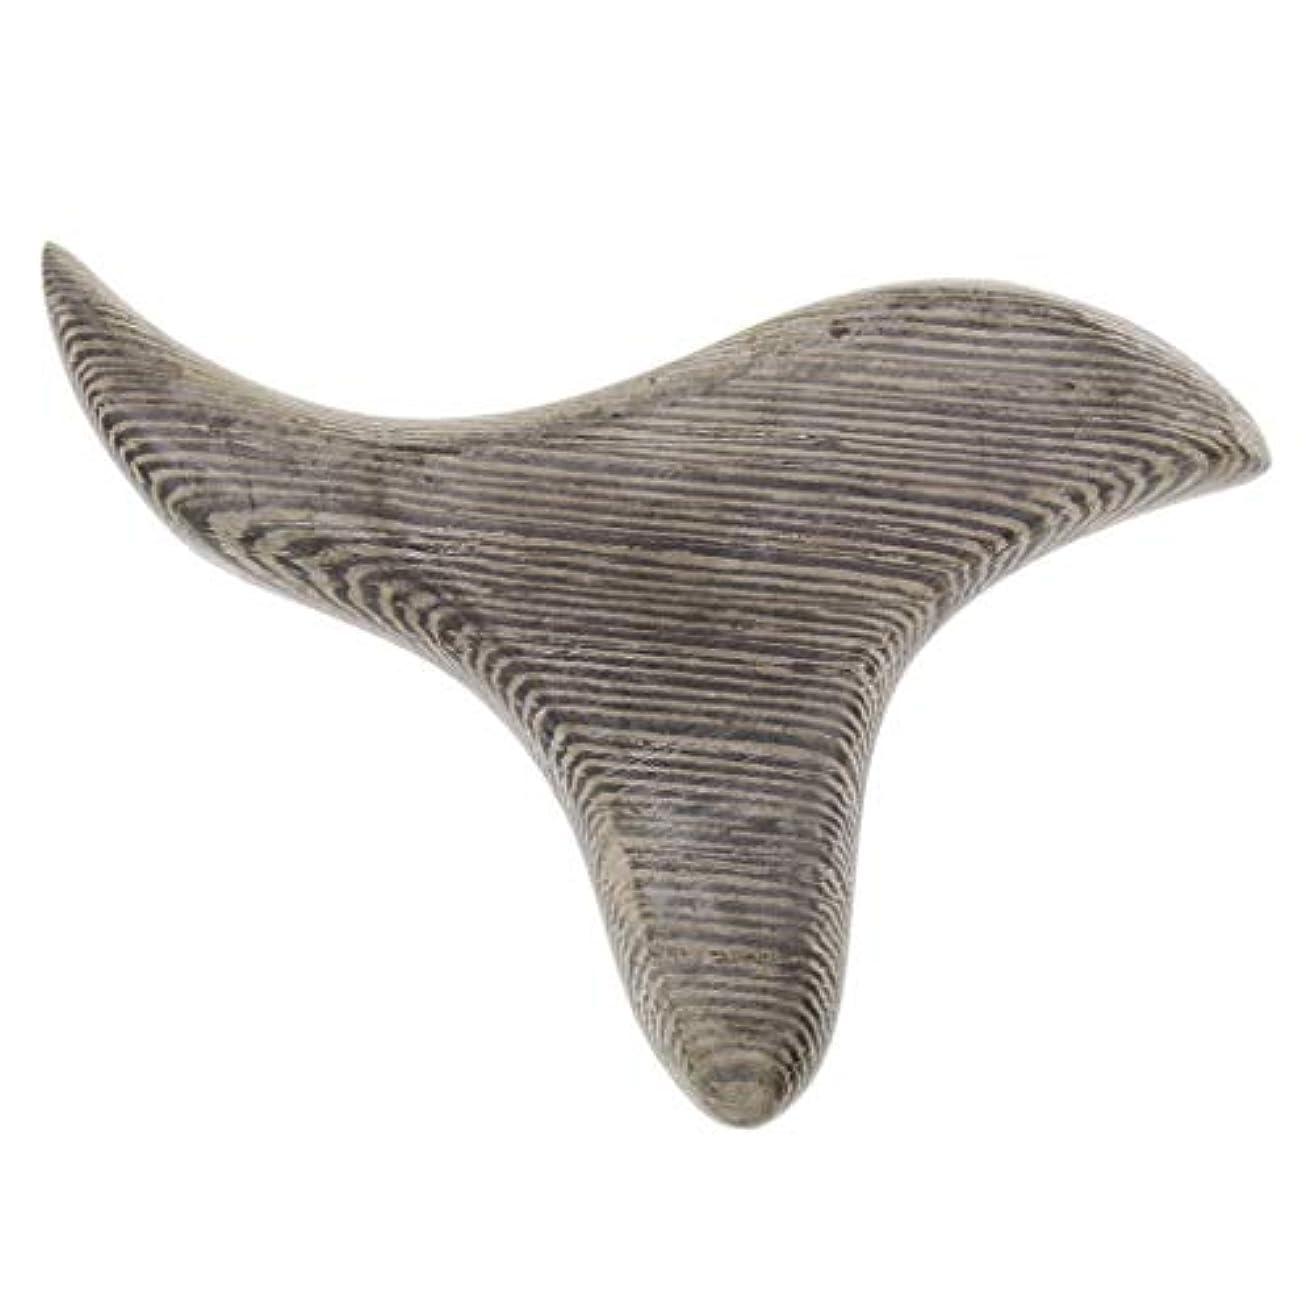 相談するシリーズセンターFLAMEER 三角形 マッサージボード 掻き板 木製